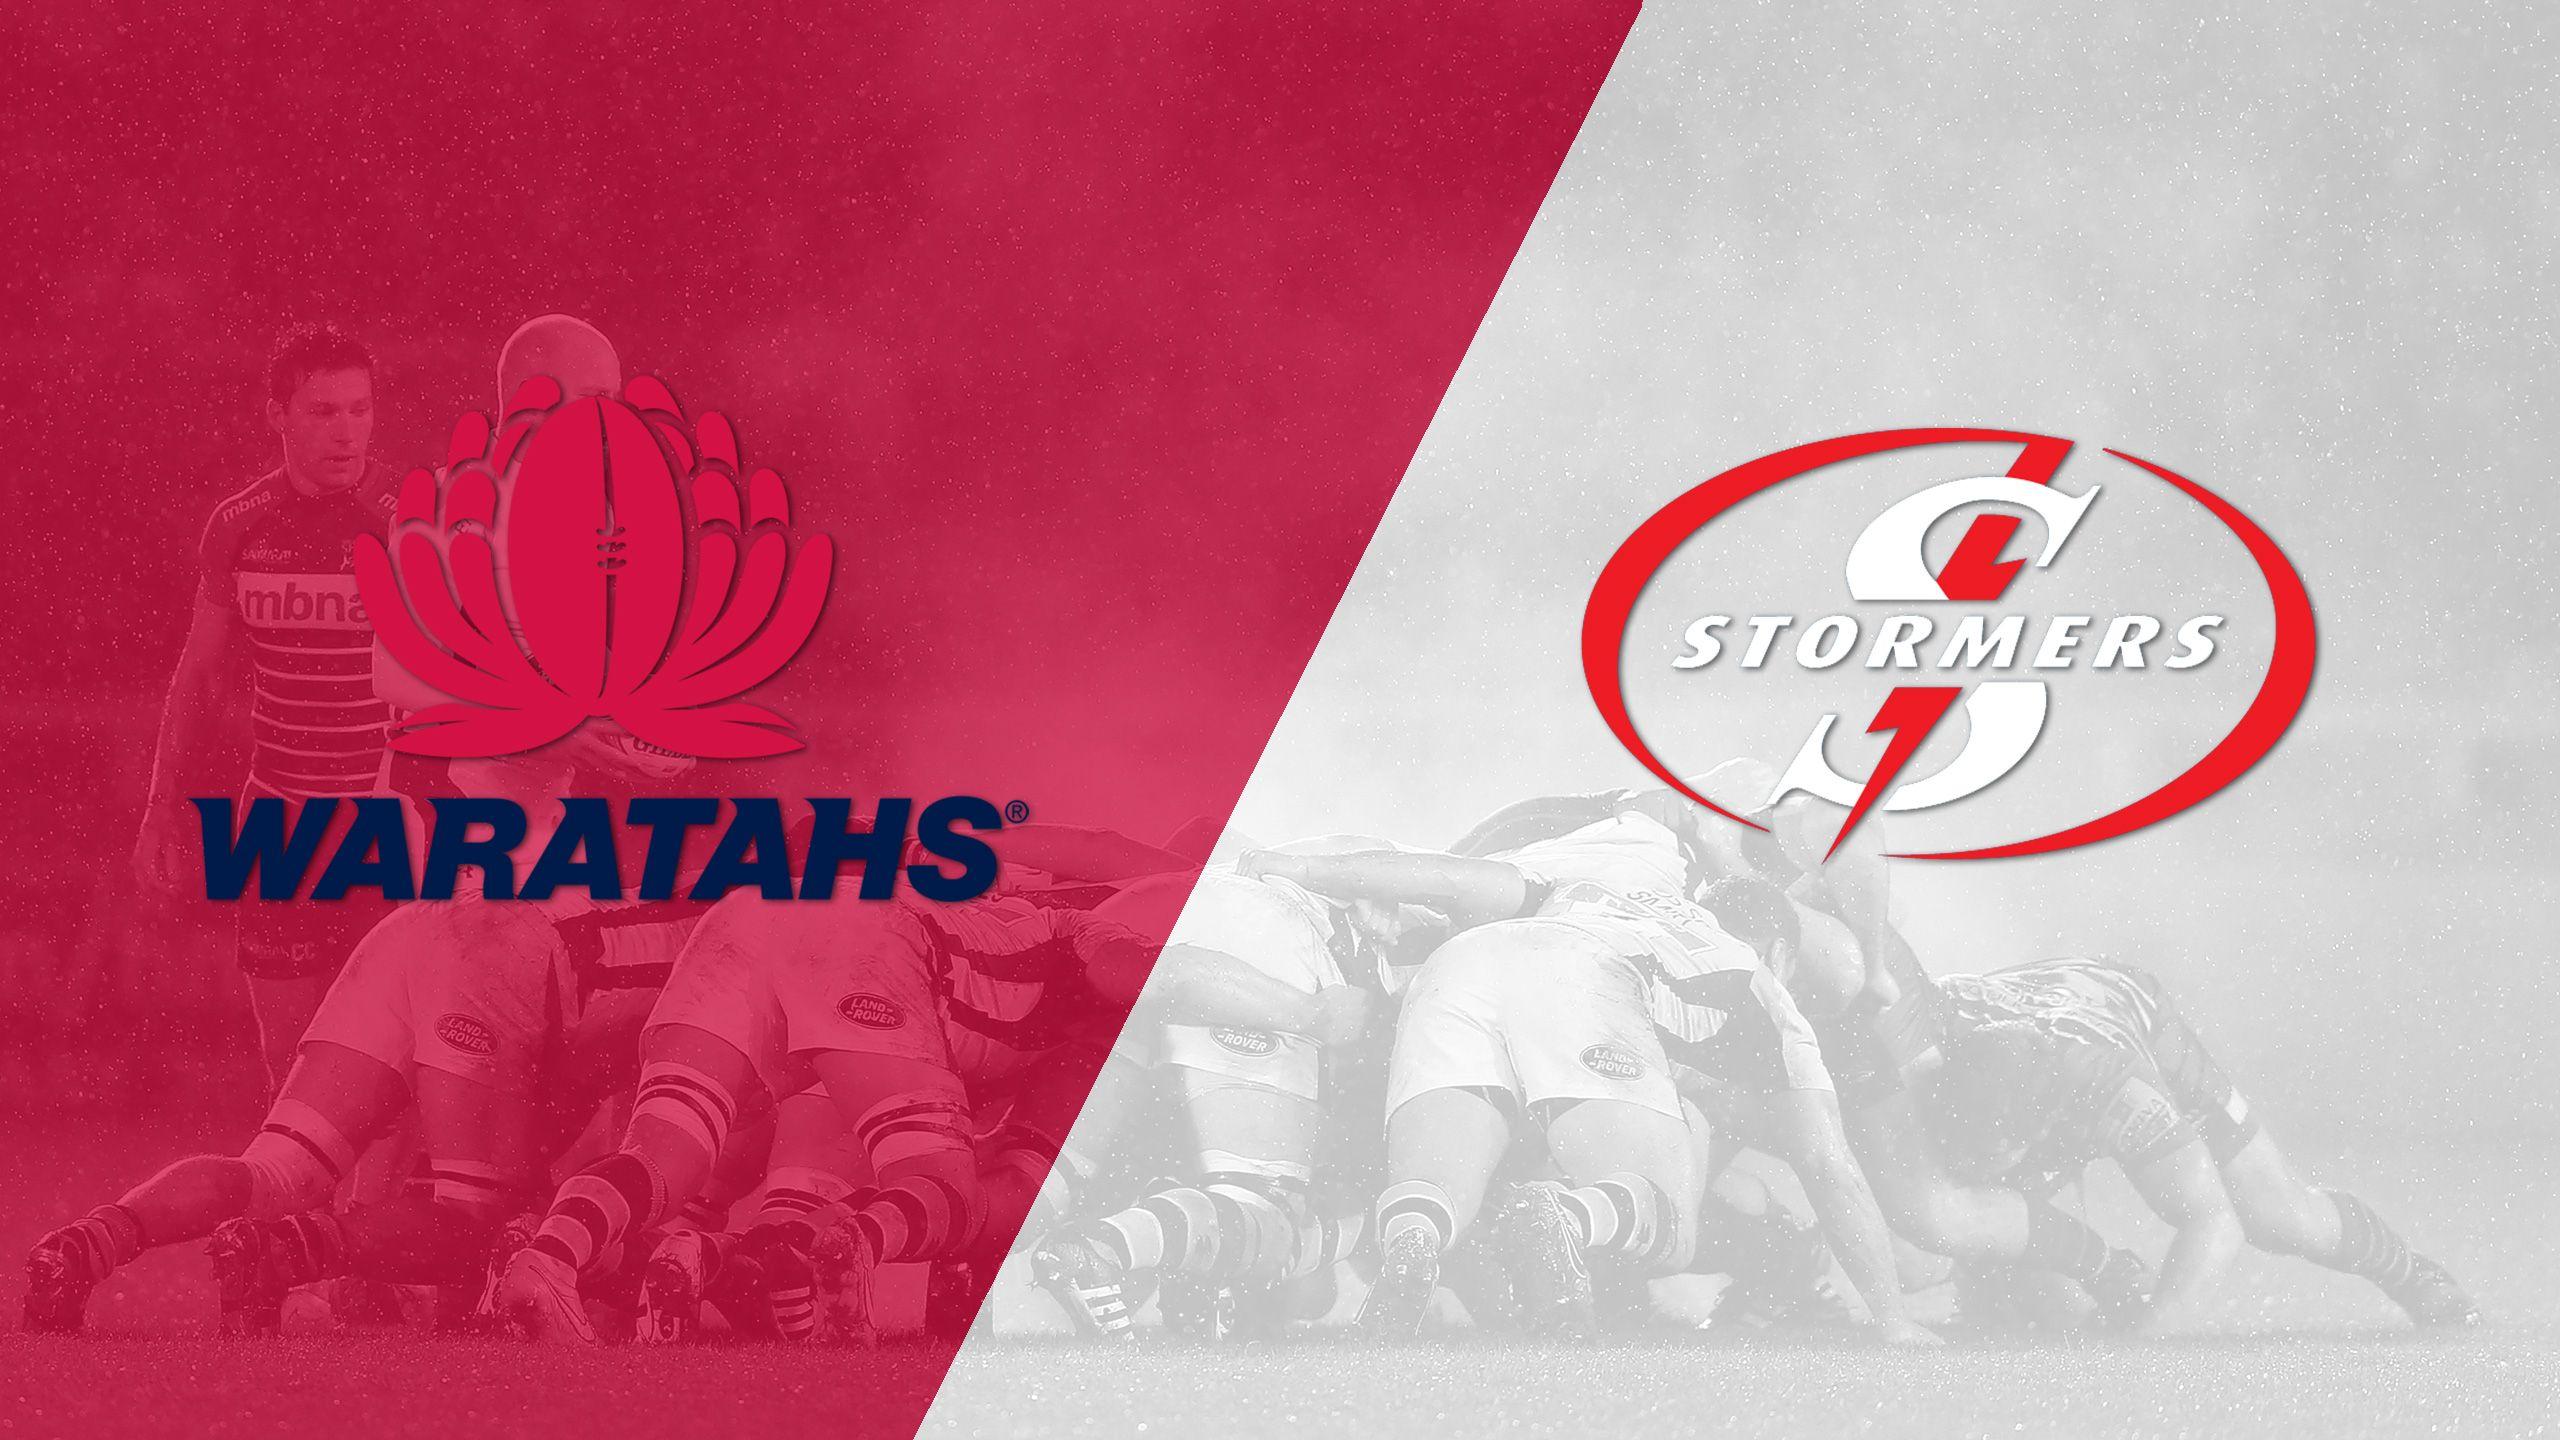 Waratahs vs. Stormers (Round 2) (Super Rugby)